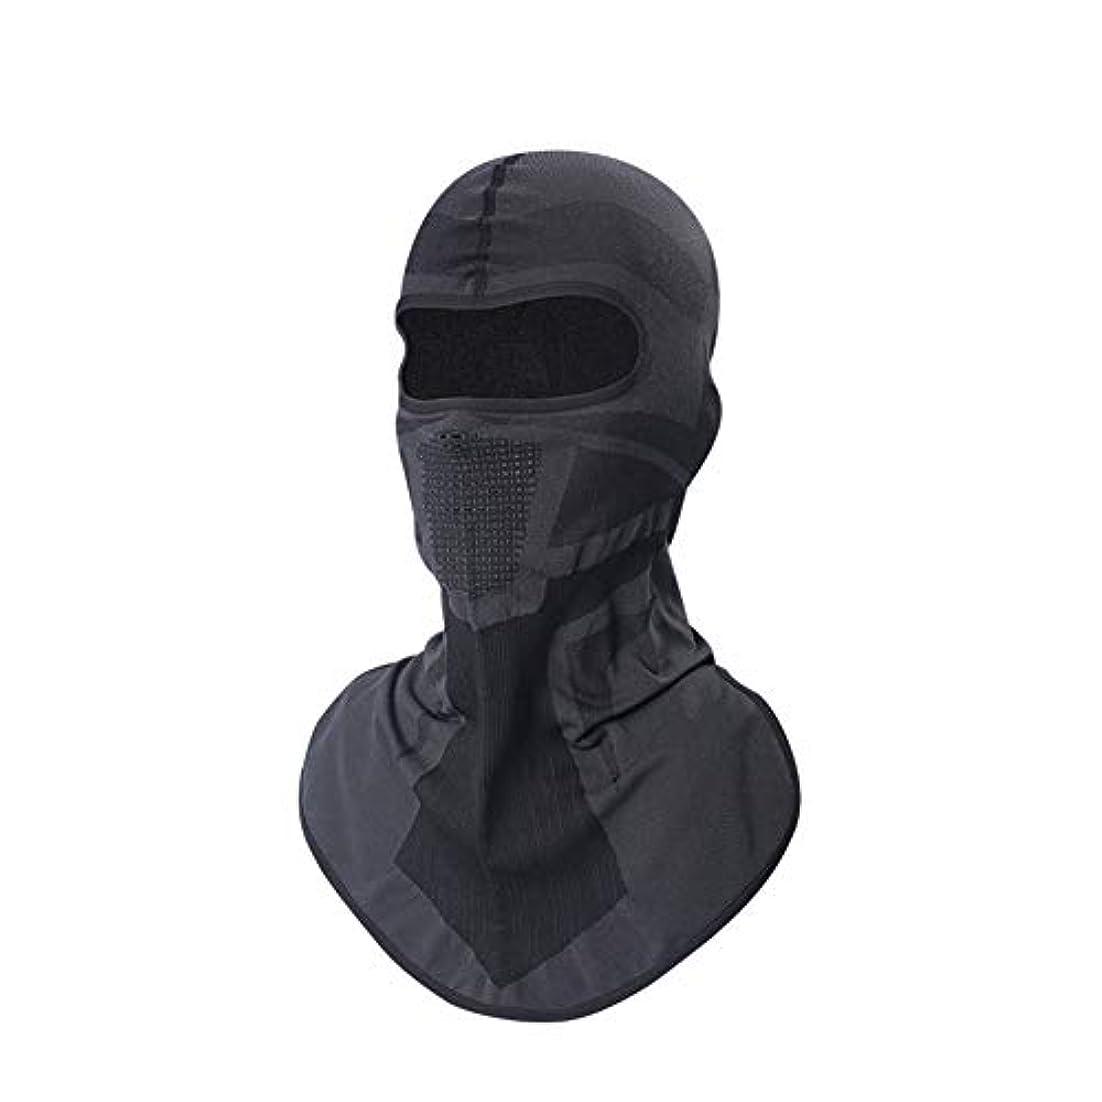 寮抱擁厳マスク日焼け止めオートバイフード男性通気性フード付きヘルメット裏地保護フルフェイスマスク